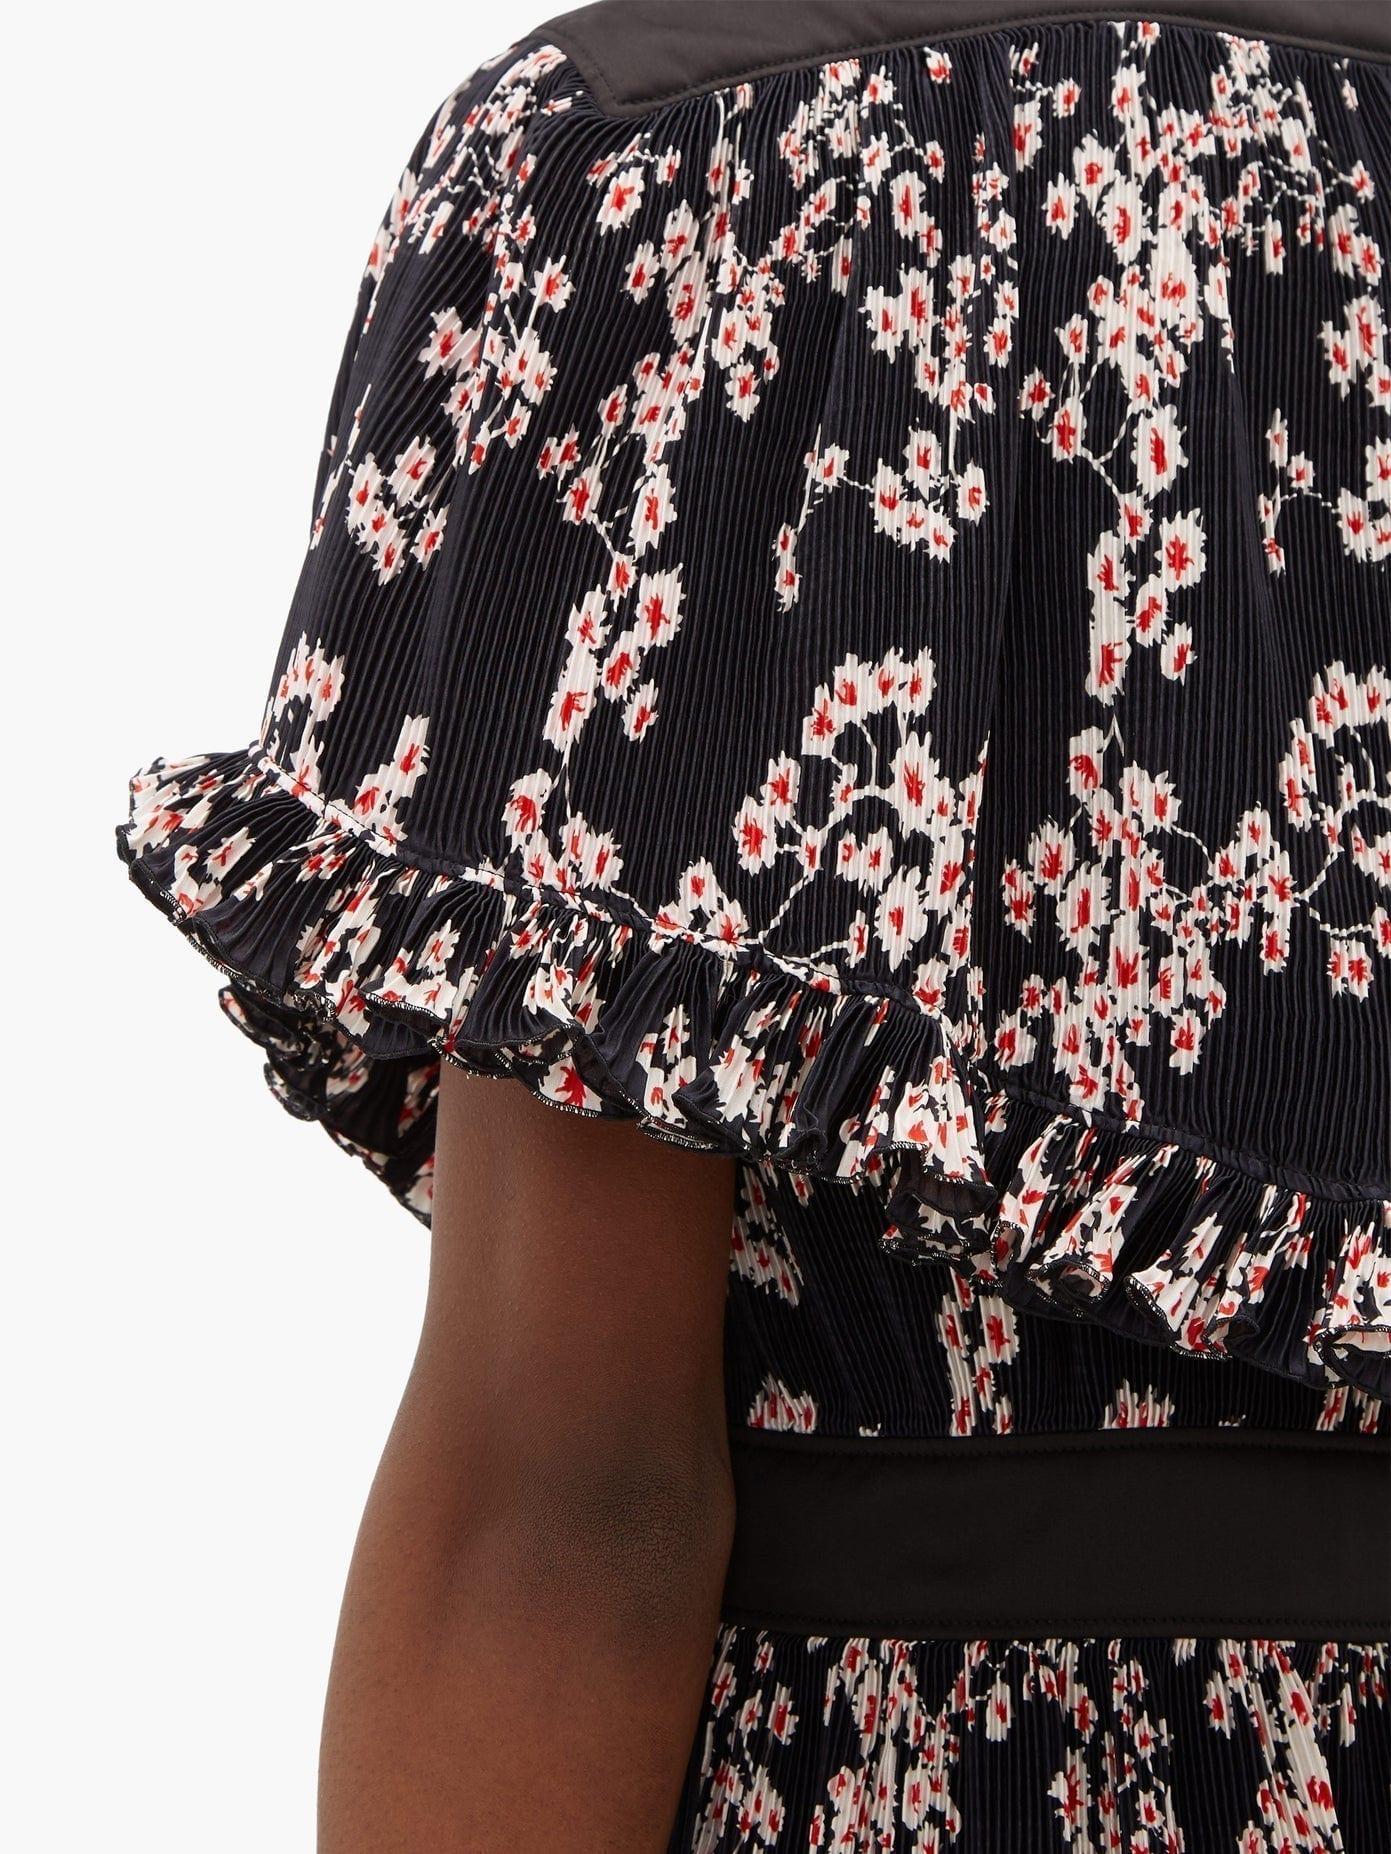 PACO RABANNE Floral-Print Plissé Midi Dress